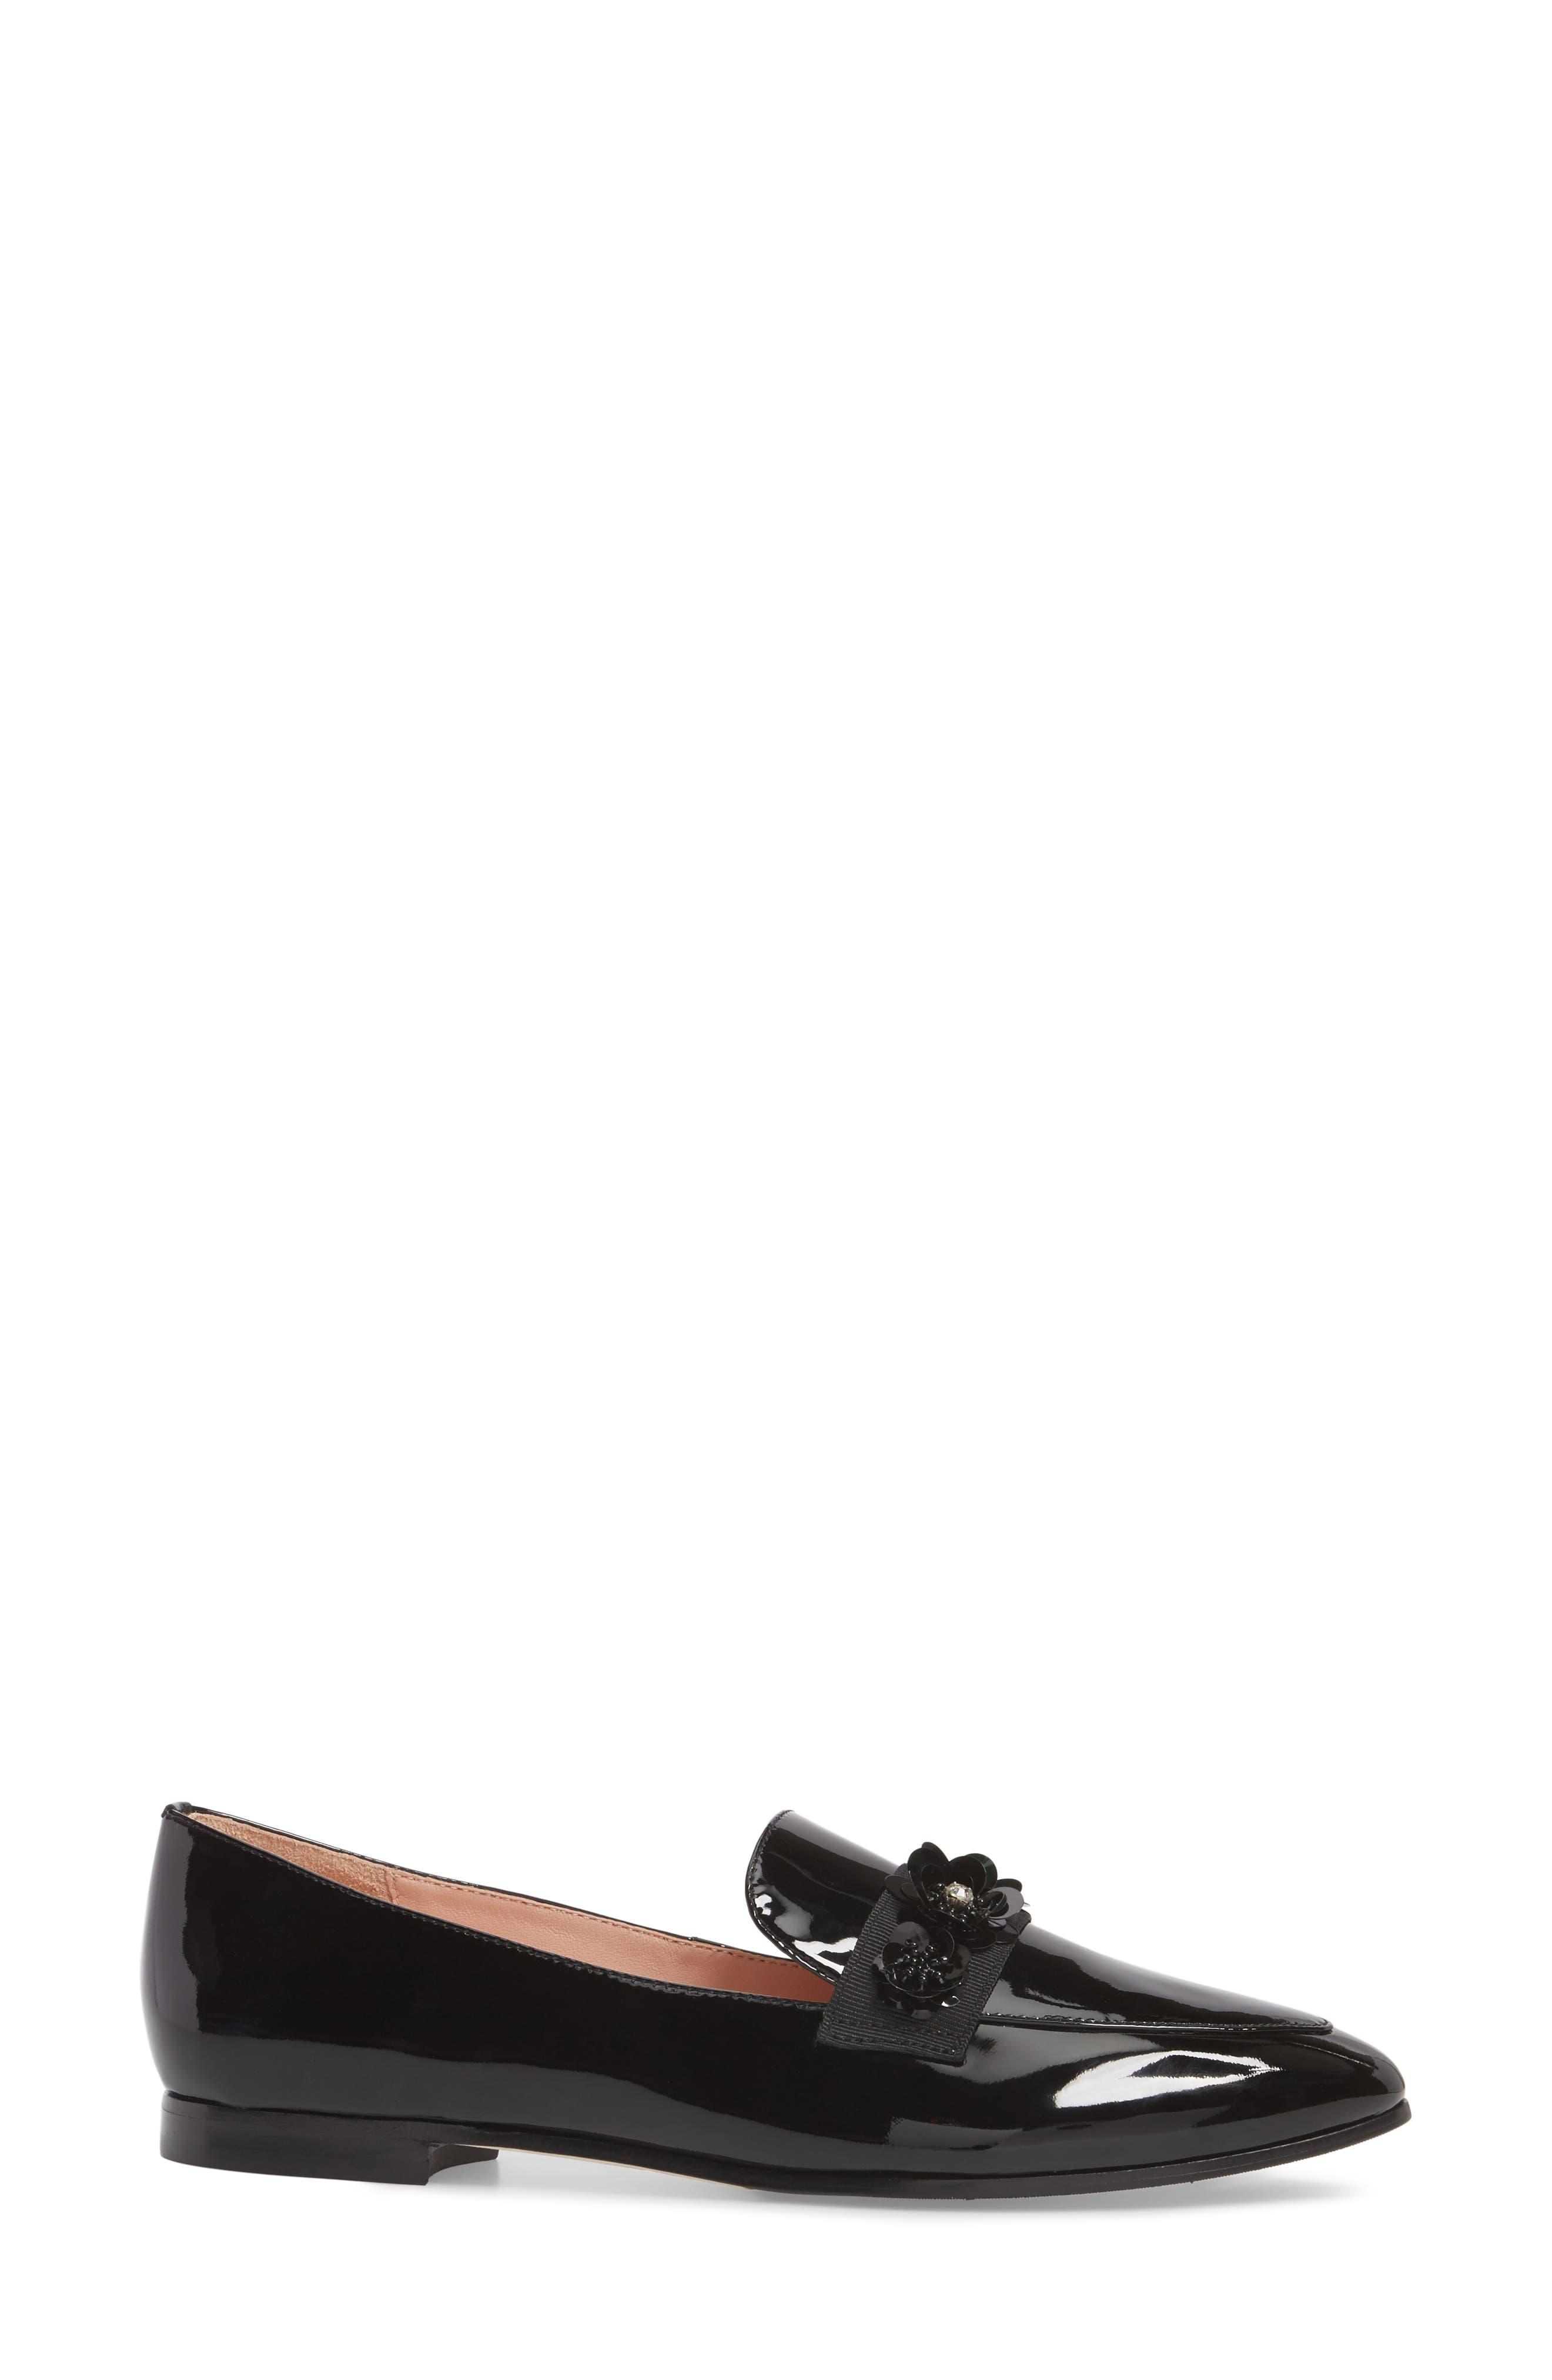 Alternate Image 3  - kate spade new york cleo embellished loafer (Women)